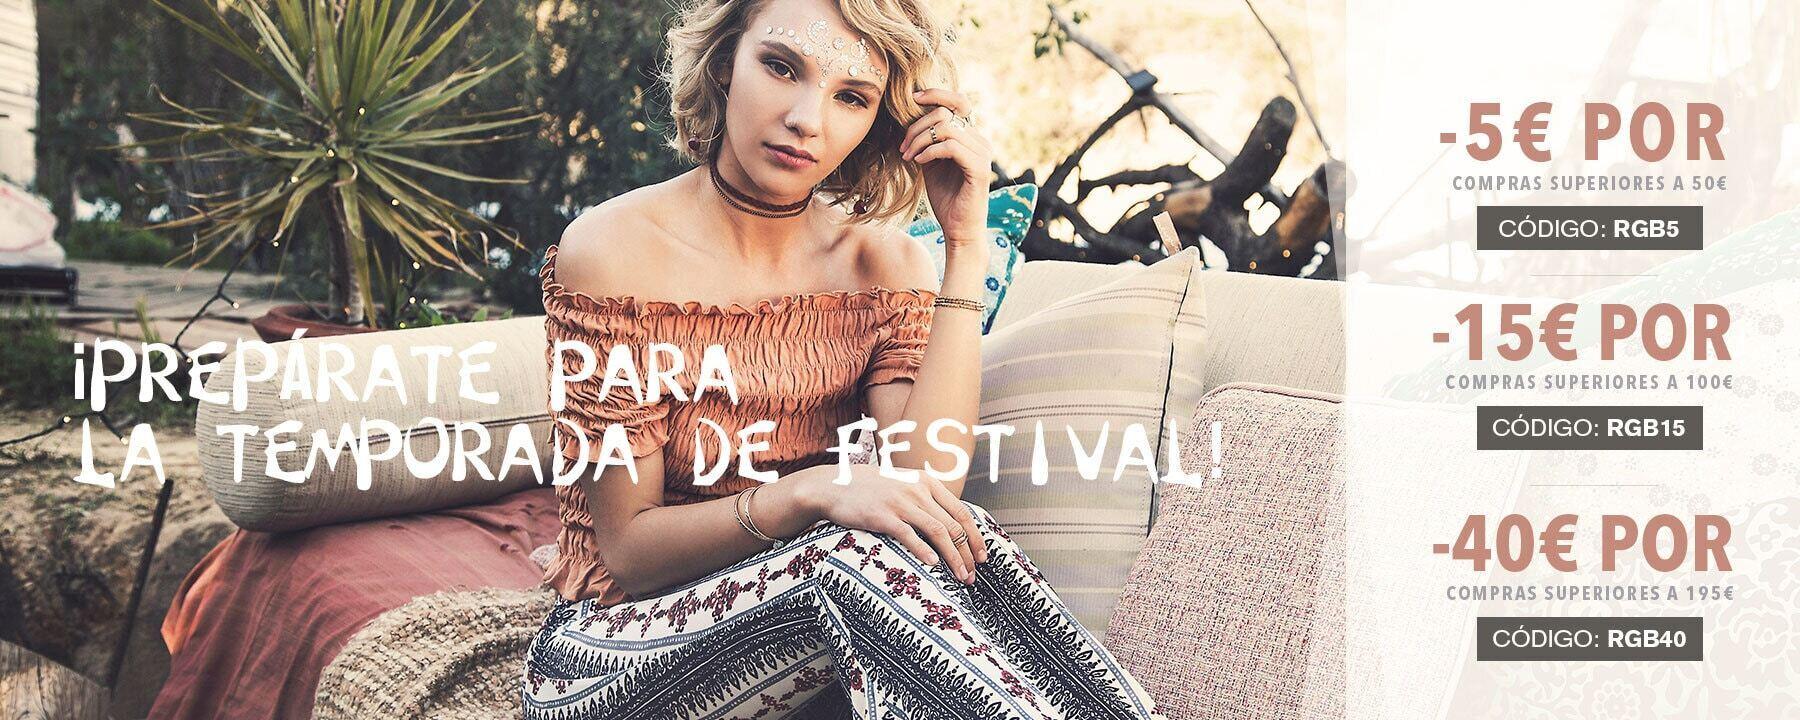 ¡Prepárate para la temporada de festival!